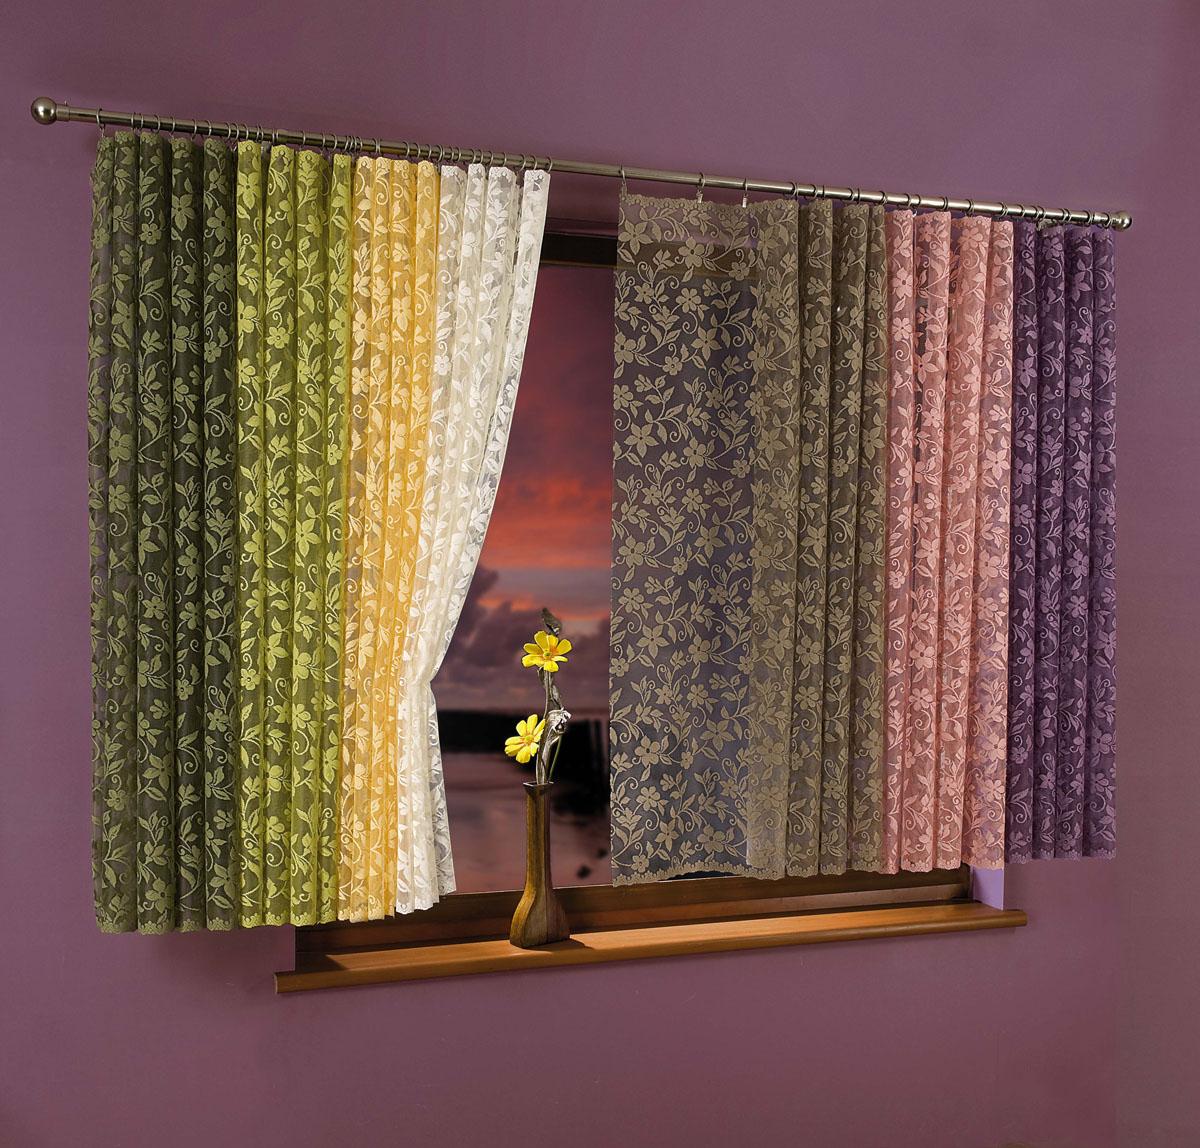 Гардина-тюль Kwiat Jabloni, на ленте, цвет: кремовый, высота 250 см734795Воздушная гардина-тюль Kwiat Jabloni, изготовленная из полиэстера кремового цвета, станет великолепным украшением любого окна. Тонкое плетение, оригинальный дизайн и приятная цветовая гамма привлекут к себе внимание и органично впишутся в интерьер комнаты. В гардину-тюль вшита шторная лента. Характеристики:Материал: 100% полиэстер. Цвет: кремовый. Размер упаковки:26 см х 34 см х 3 см. Артикул: 734795.В комплект входит:Гардина-тюль - 1 шт. Размер (Ш х В): 150 см х 250 см. Фирма Wisan на польском рынке существует уже более пятидесяти лет и является одной из лучших польских фабрик по производству штор и тканей. Ассортимент фирмы представлен готовыми комплектами штор для гостиной, детской, кухни, а также текстилем для кухни (скатерти, салфетки, дорожки, кухонные занавески). Модельный ряд отличает оригинальный дизайн, высокое качество. Ассортимент продукции постоянно пополняется.УВАЖАЕМЫЕ КЛИЕНТЫ!Обращаем ваше внимание на цвет изделия. Цветовой вариант гардины-тюли, данной в интерьере, служит для визуального восприятия товара. Цветовая гамма данной гардины-тюли представлена на отдельном изображении фрагментом ткани.